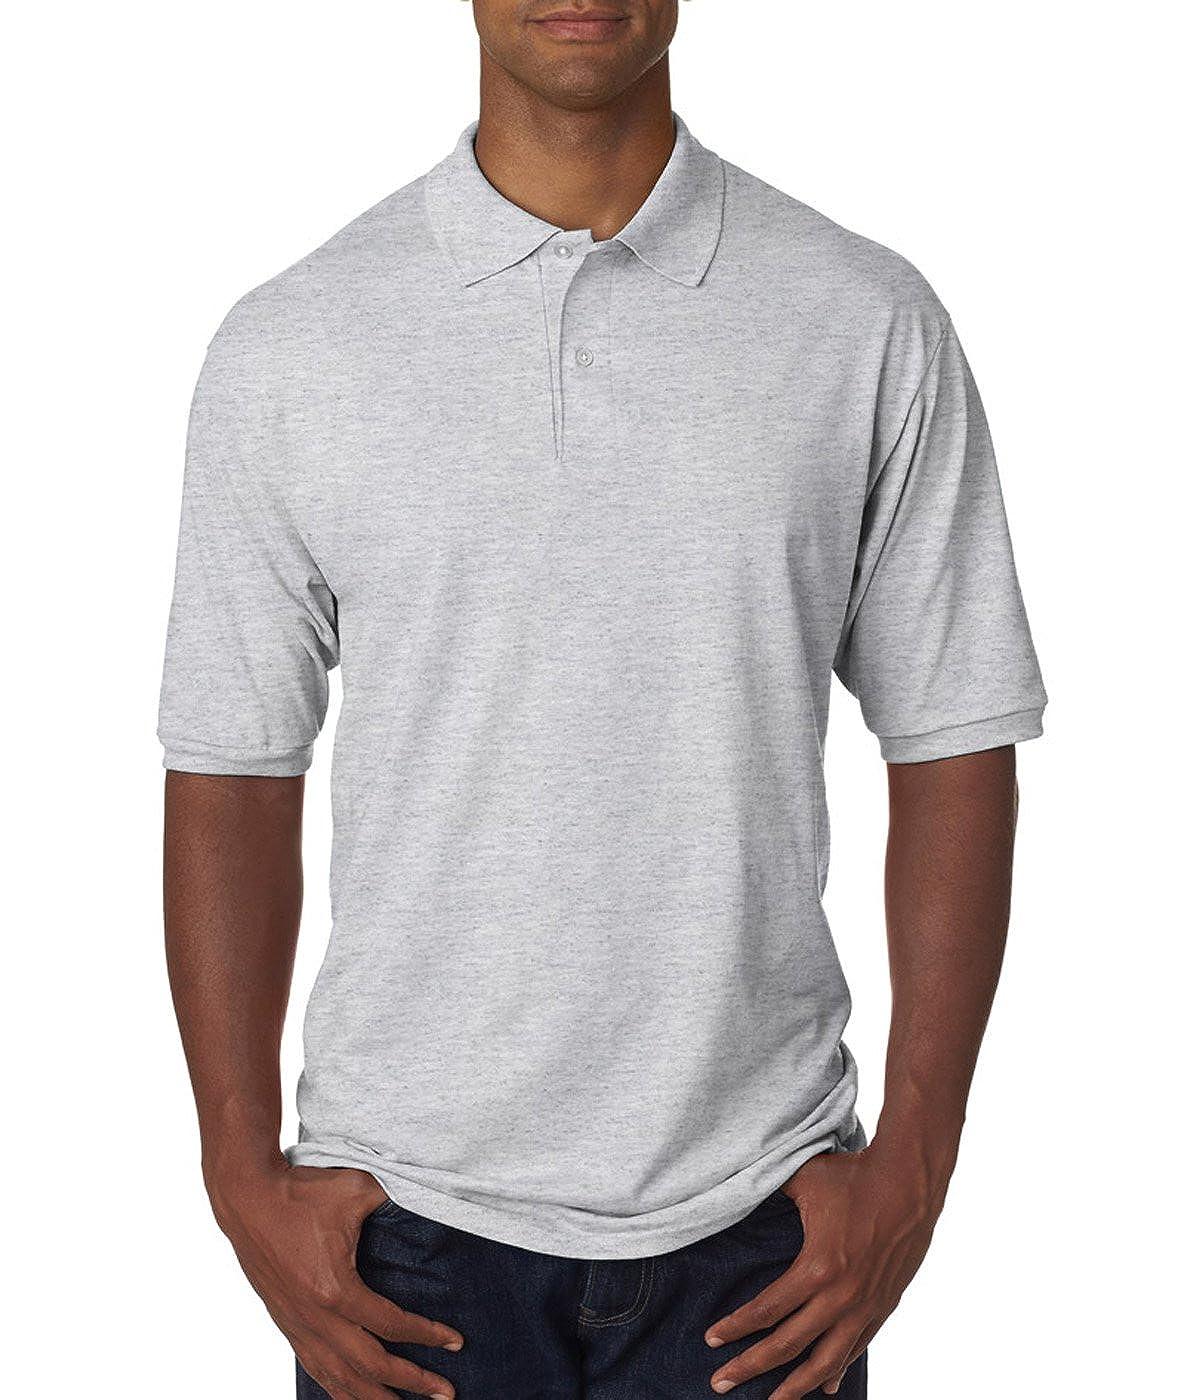 Jerzees Mens SpotShield Jersey Knit Sport Shirt